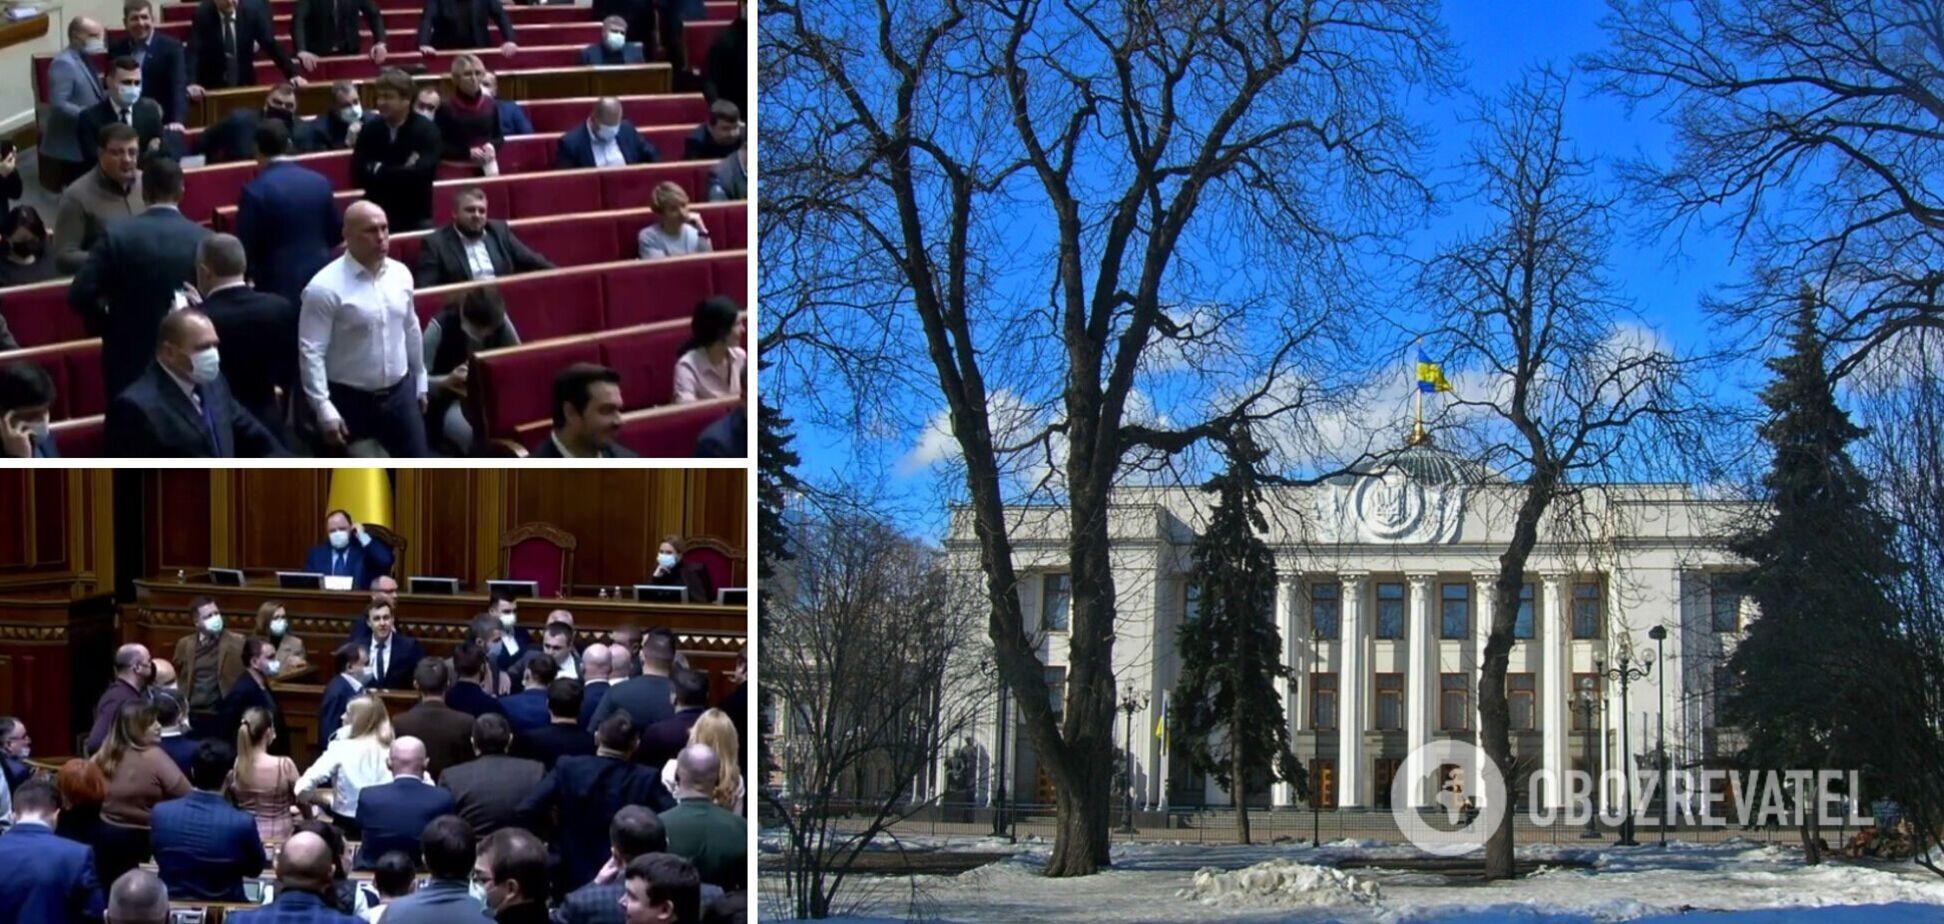 Нардепи не поділили трибуну в Раді через проросійські ЗМІ. Відео